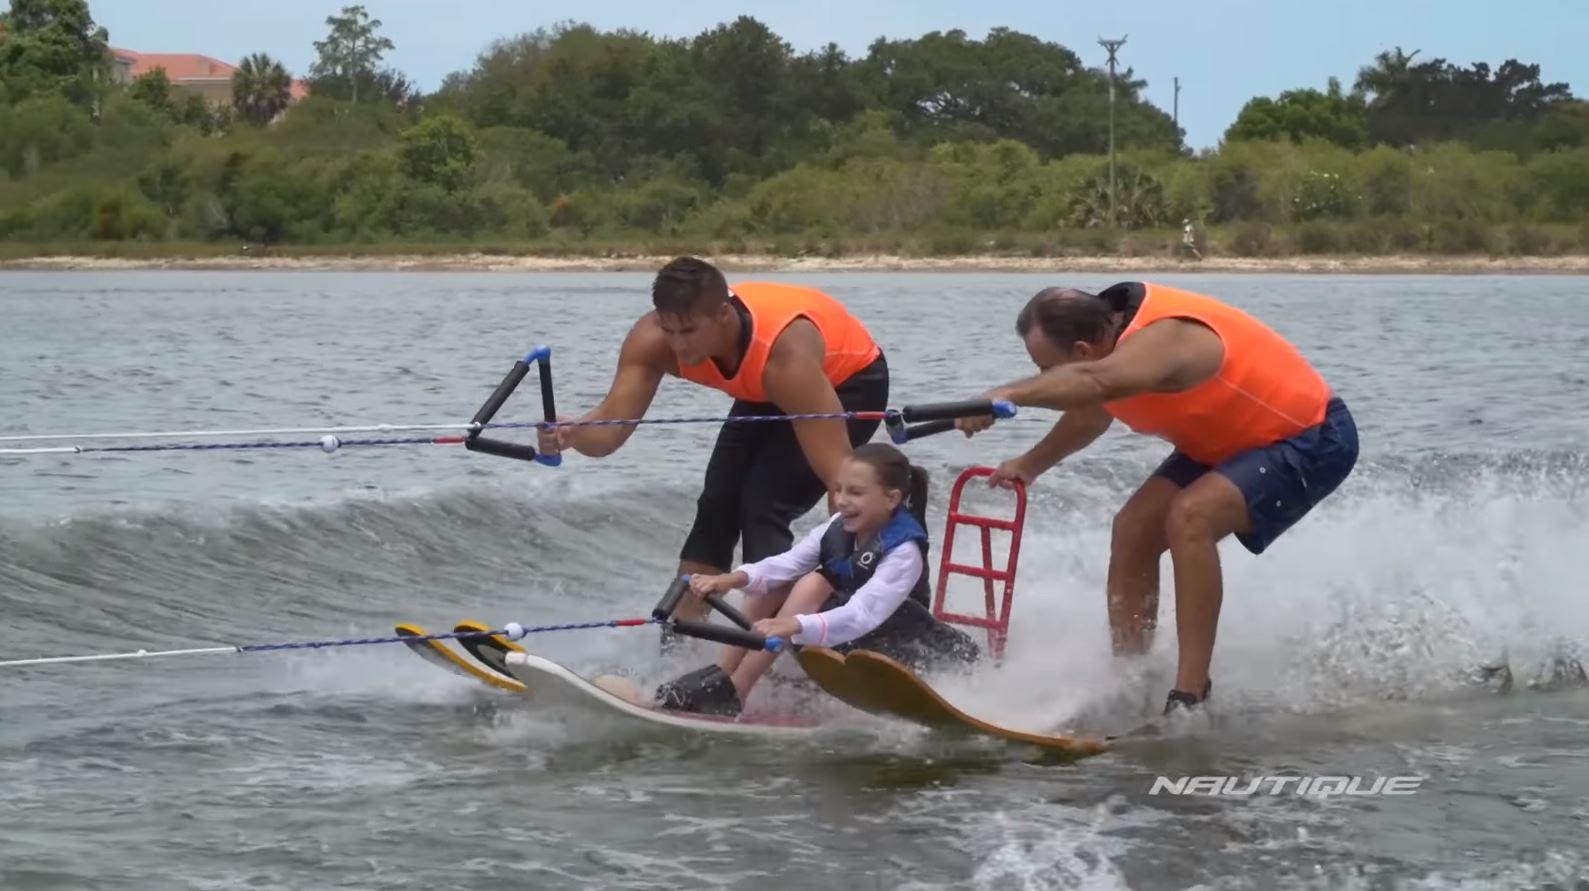 three people waterskiing